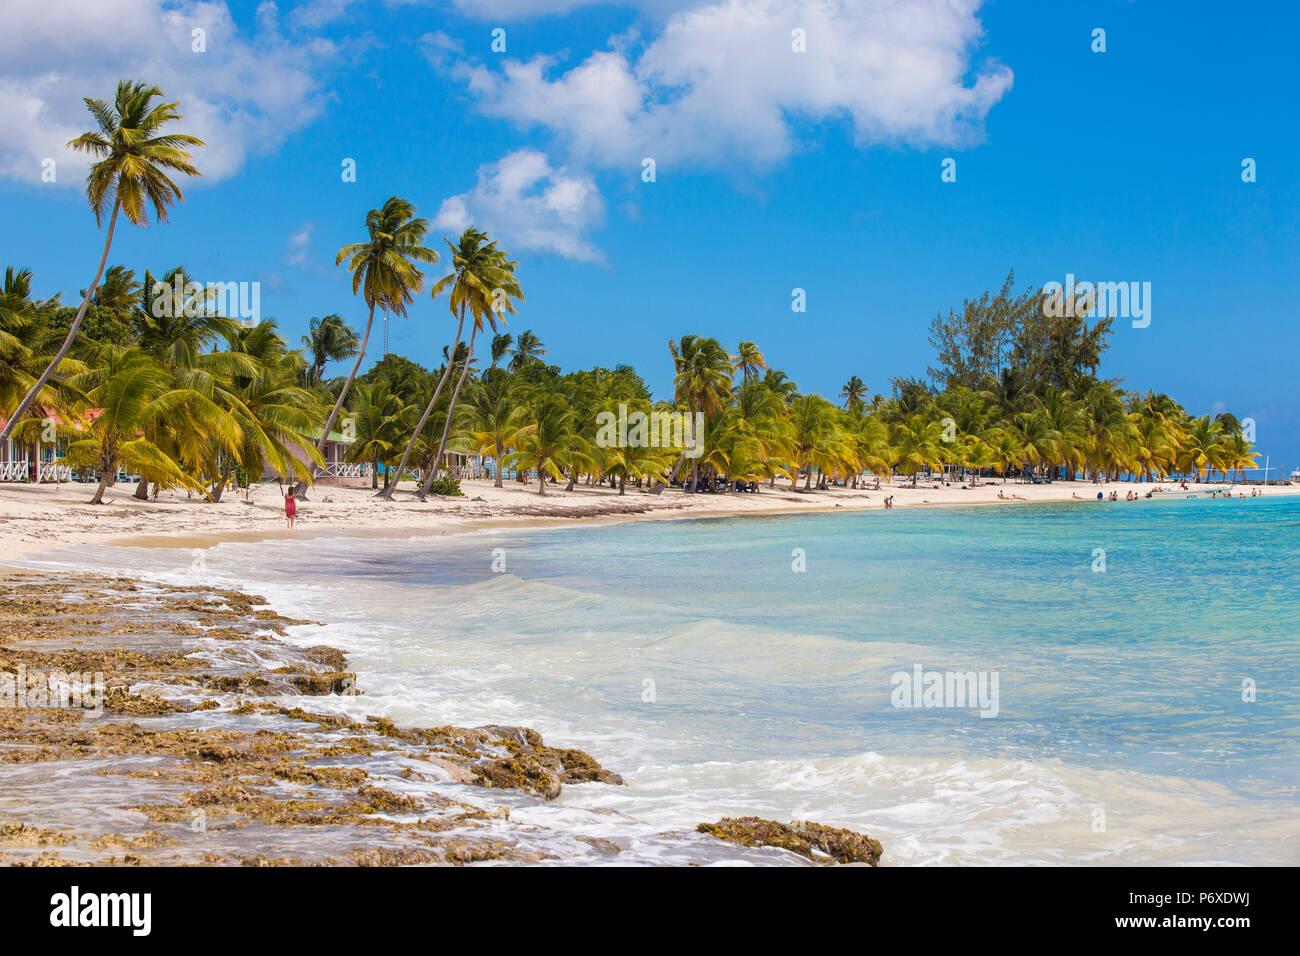 Repubblica Dominicana, Punta Cana, Parque Nacional del Este, l'isola di Saona, Mano Juan, un pittoresco villaggio di pescatori Immagini Stock